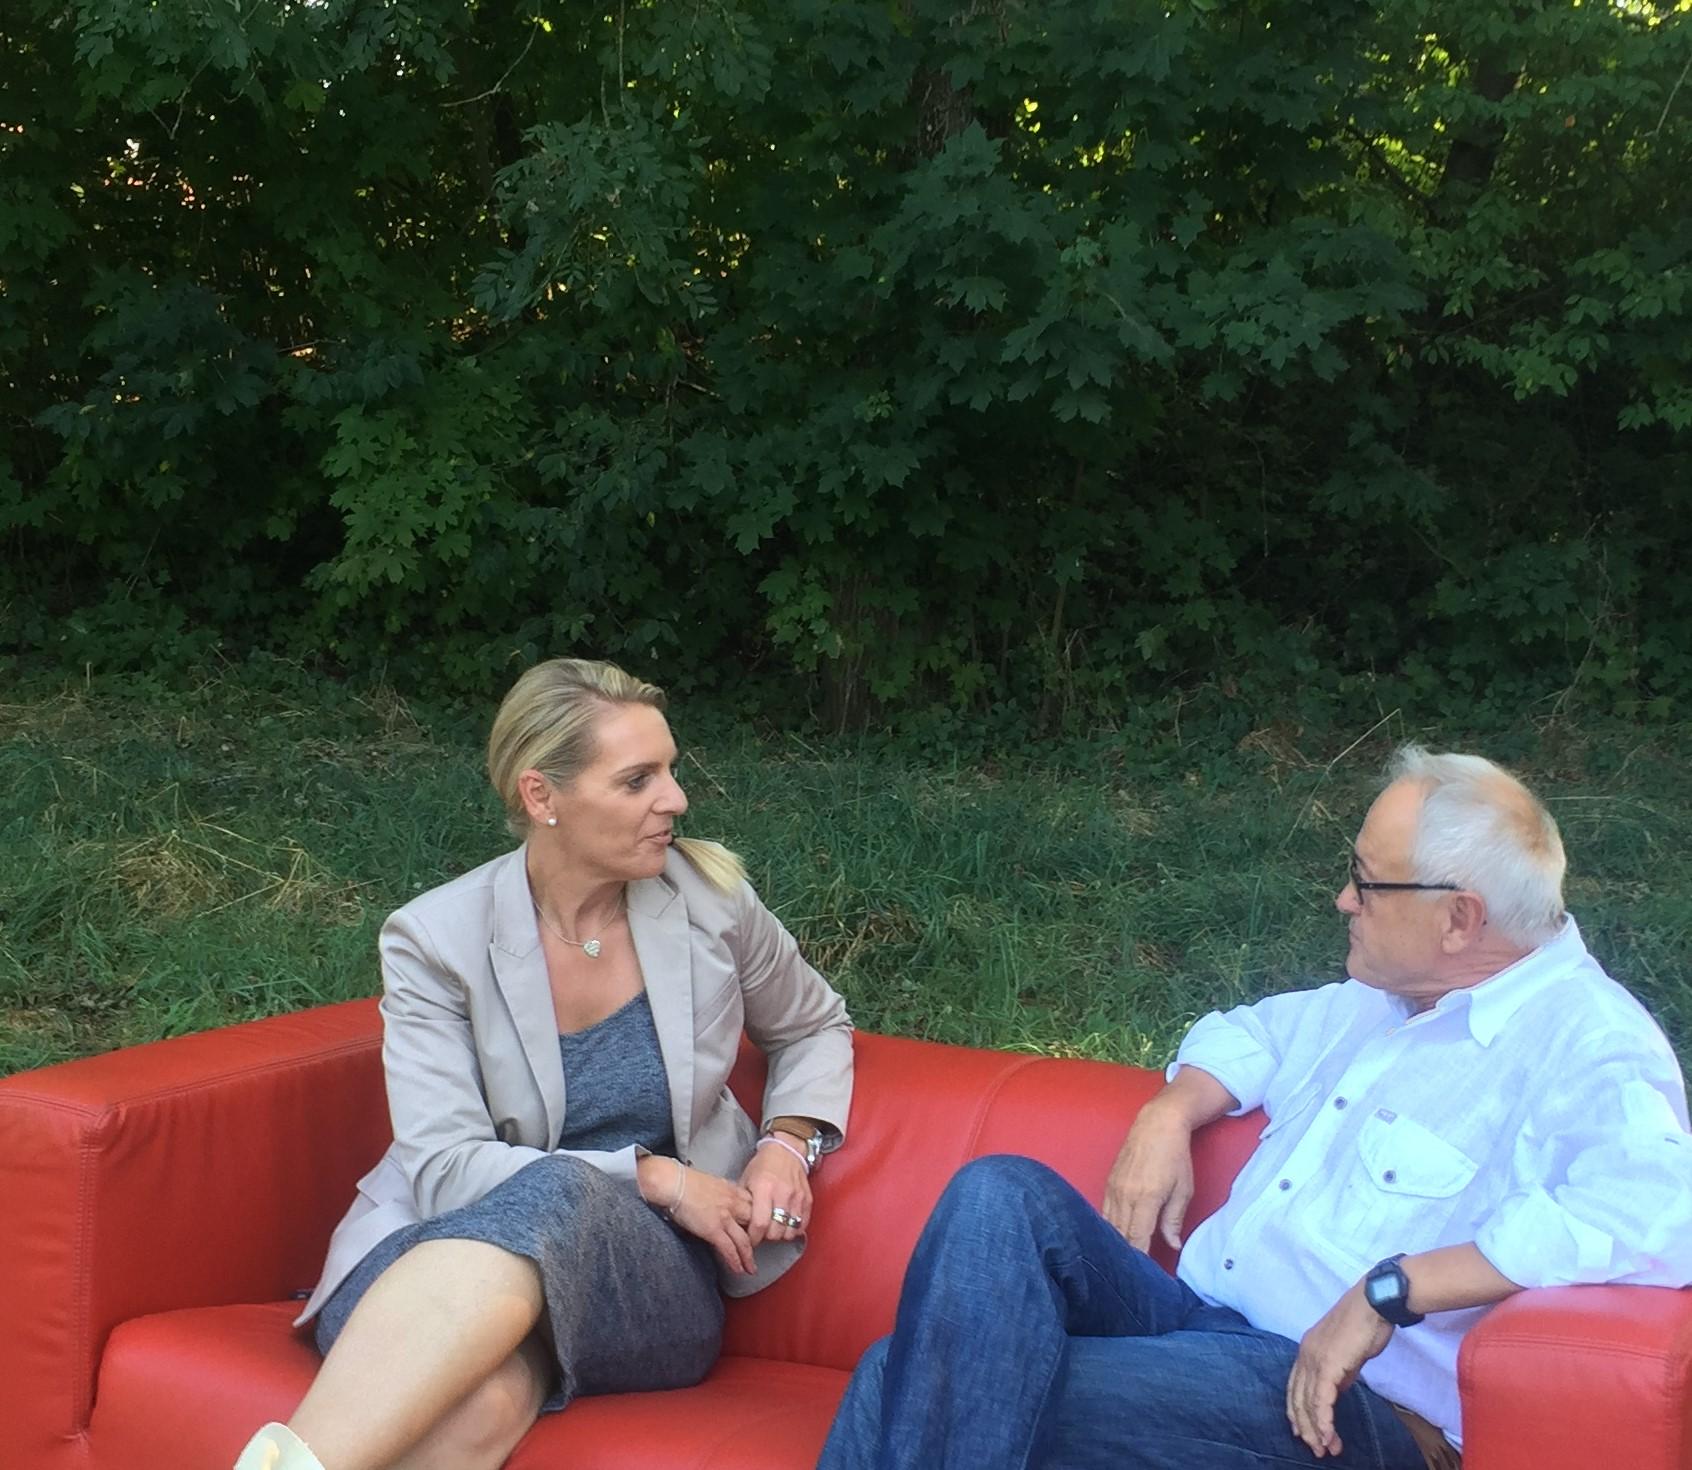 Weitere Gespräche Auf Dem Roten Sofa Heute In Der